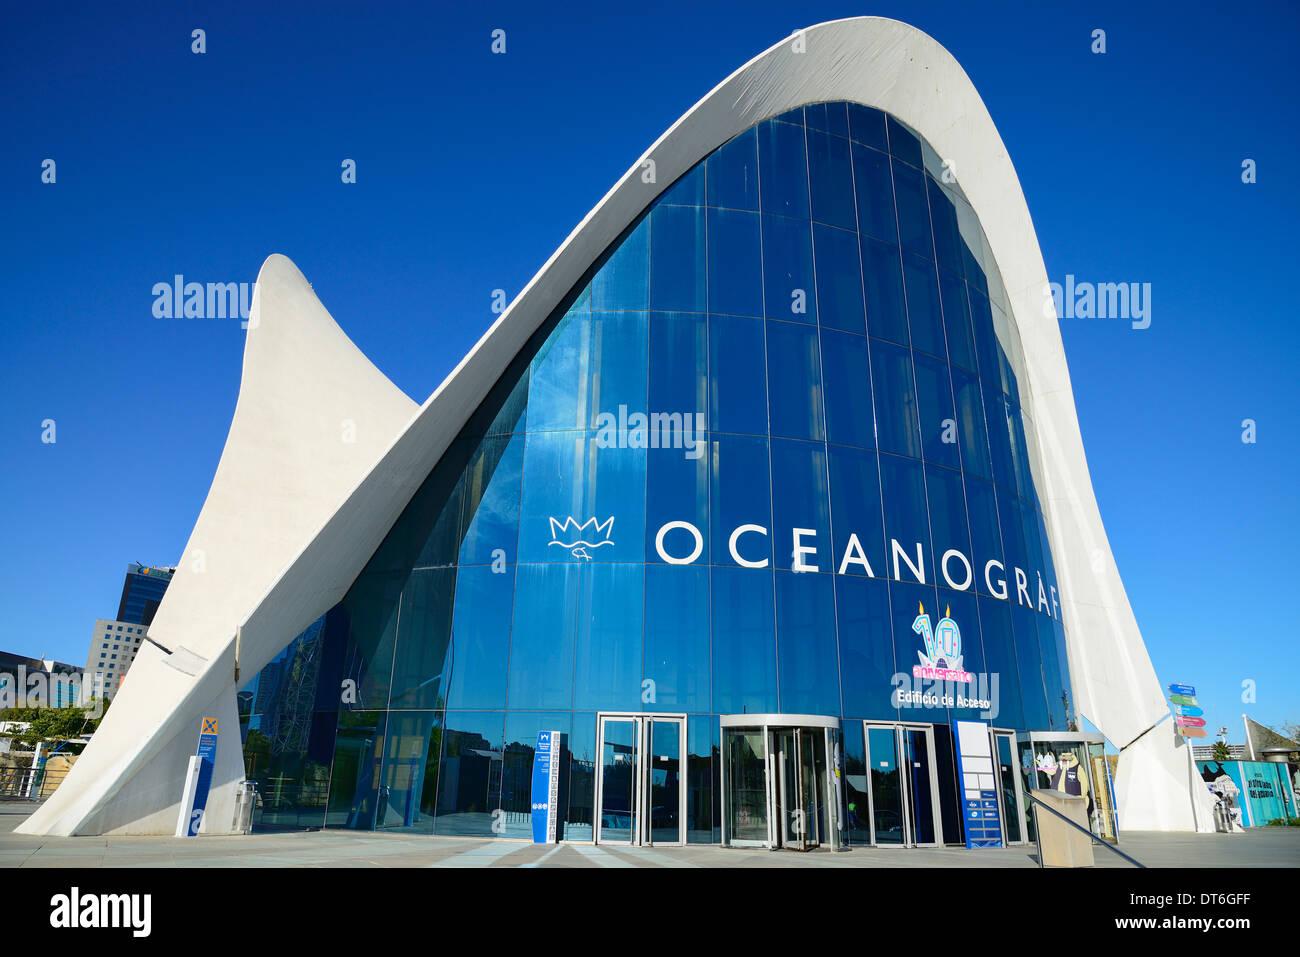 Spanien, Valencia, La Ciudad de las Artes y las Ciencias Stadt der Künste und Wissenschaften Oceanogràfic Stockbild